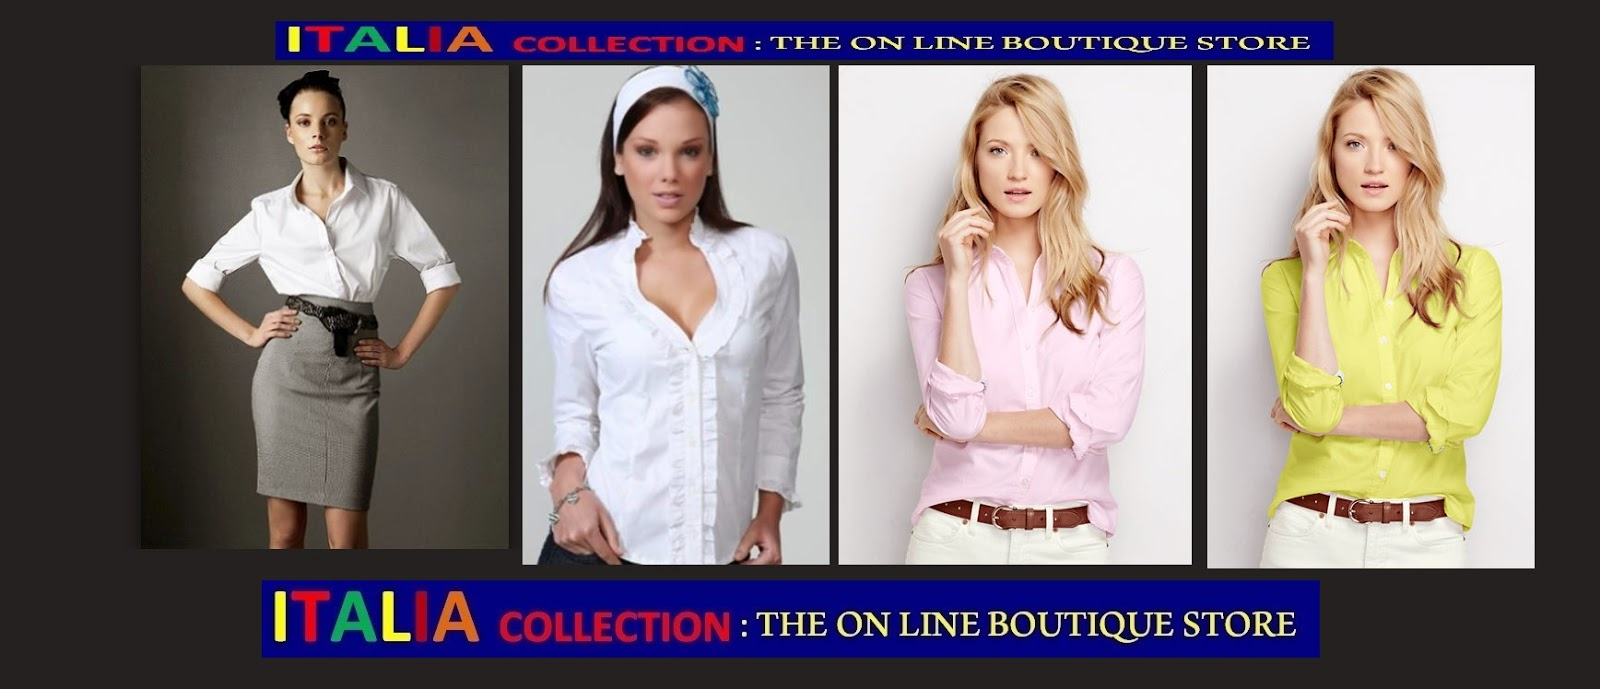 todos los modelos de HUGO BOSS para mujer - imagenes de modelos de camisas para mujeres